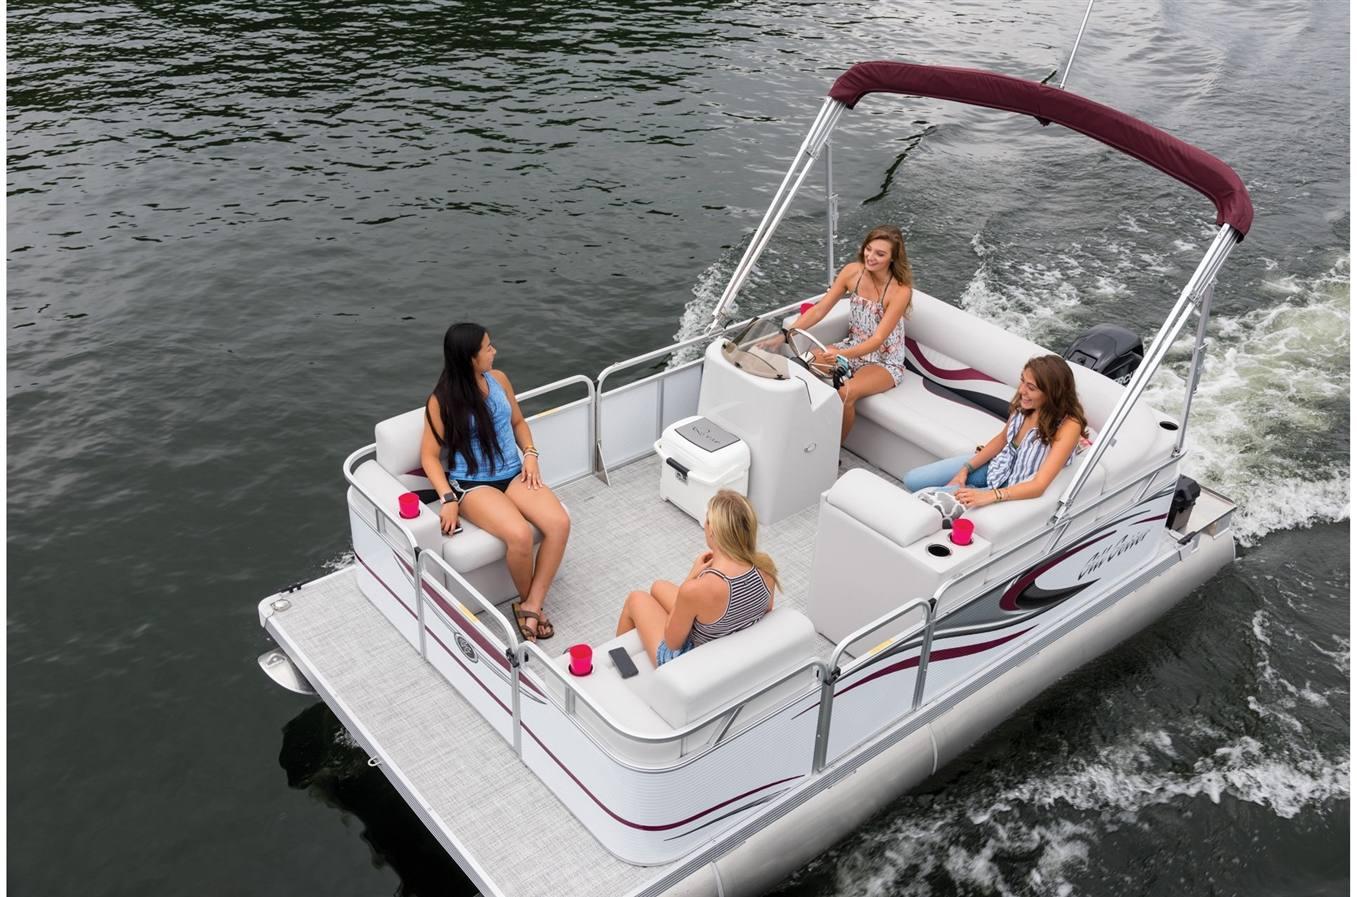 2019 Apex Marine Gillgetter 7515 Cruise Deluxe for sale in Fremont, NE. Victory Marine Fremont, NE (402) 721-1341